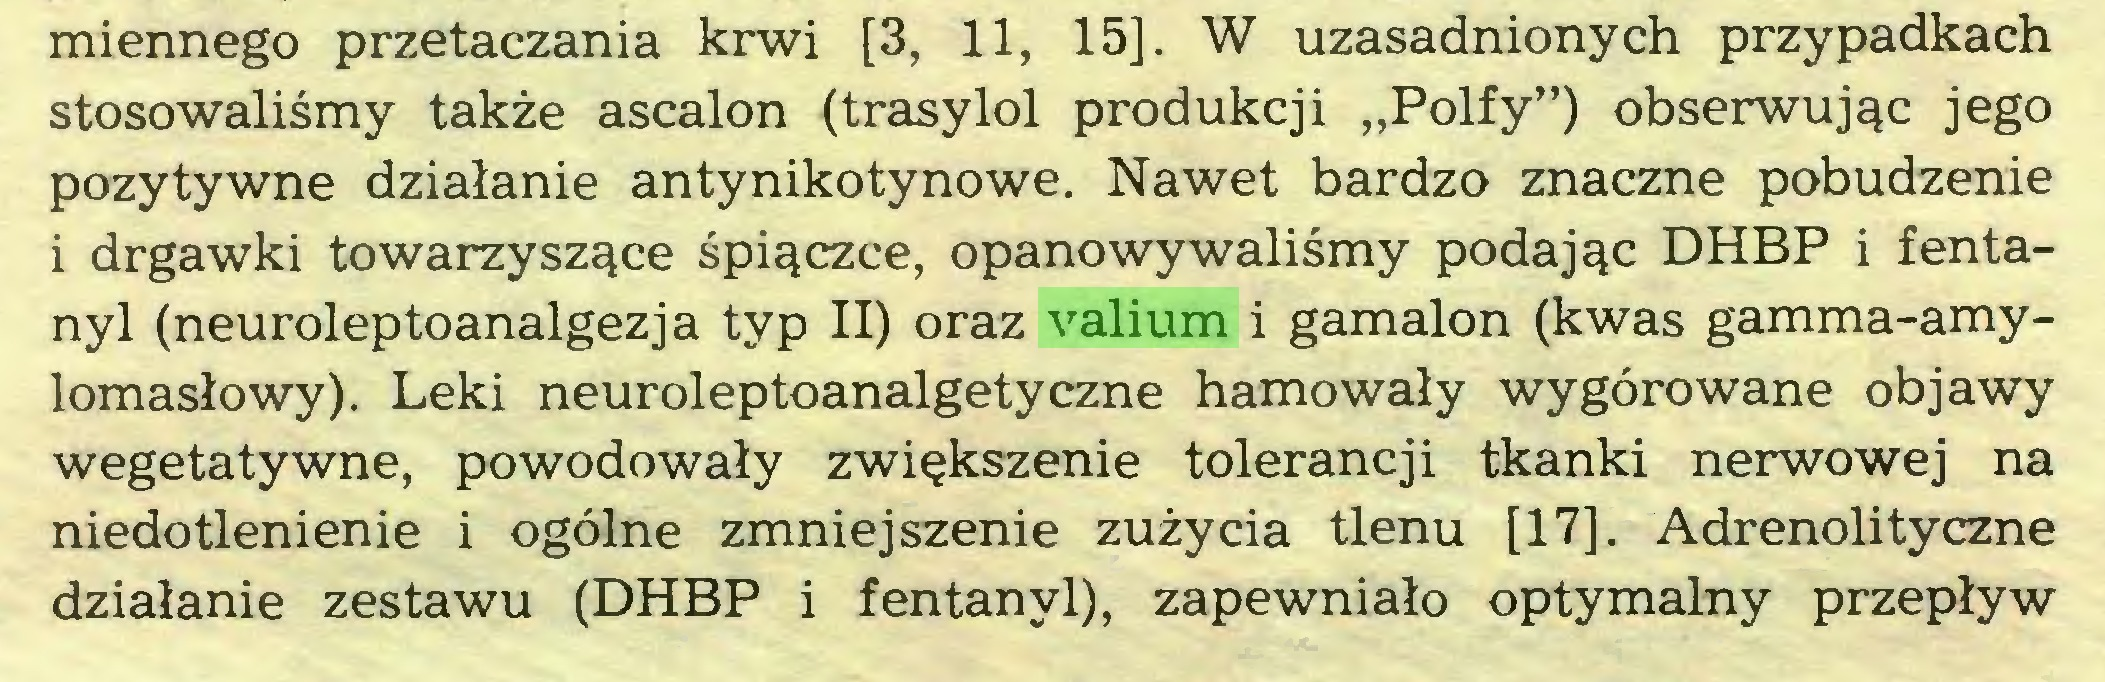 """(...) miennego przetaczania krwi [3, 11, 15]. W uzasadnionych przypadkach stosowaliśmy także ascalon (trasylol produkcji """"Polfy"""") obserwując jego pozytywne działanie antynikotynowe. Nawet bardzo znaczne pobudzenie i drgawki towarzyszące śpiączce, opanowywaliśmy podając DHBP i fentanyl (neuroleptoanalgezja typ II) oraz valium i gamalon (kwas gamma-amylomasłowy). Leki neuroleptoanalgetyczne hamowały wygórowane objawy wegetatywne, powodowały zwiększenie tolerancji tkanki nerwowej na niedotlenienie i ogólne zmniejszenie zużycia tlenu [17]. Adrenolityczne działanie zestawu (DHBP i fentanyl), zapewniało optymalny przepływ..."""